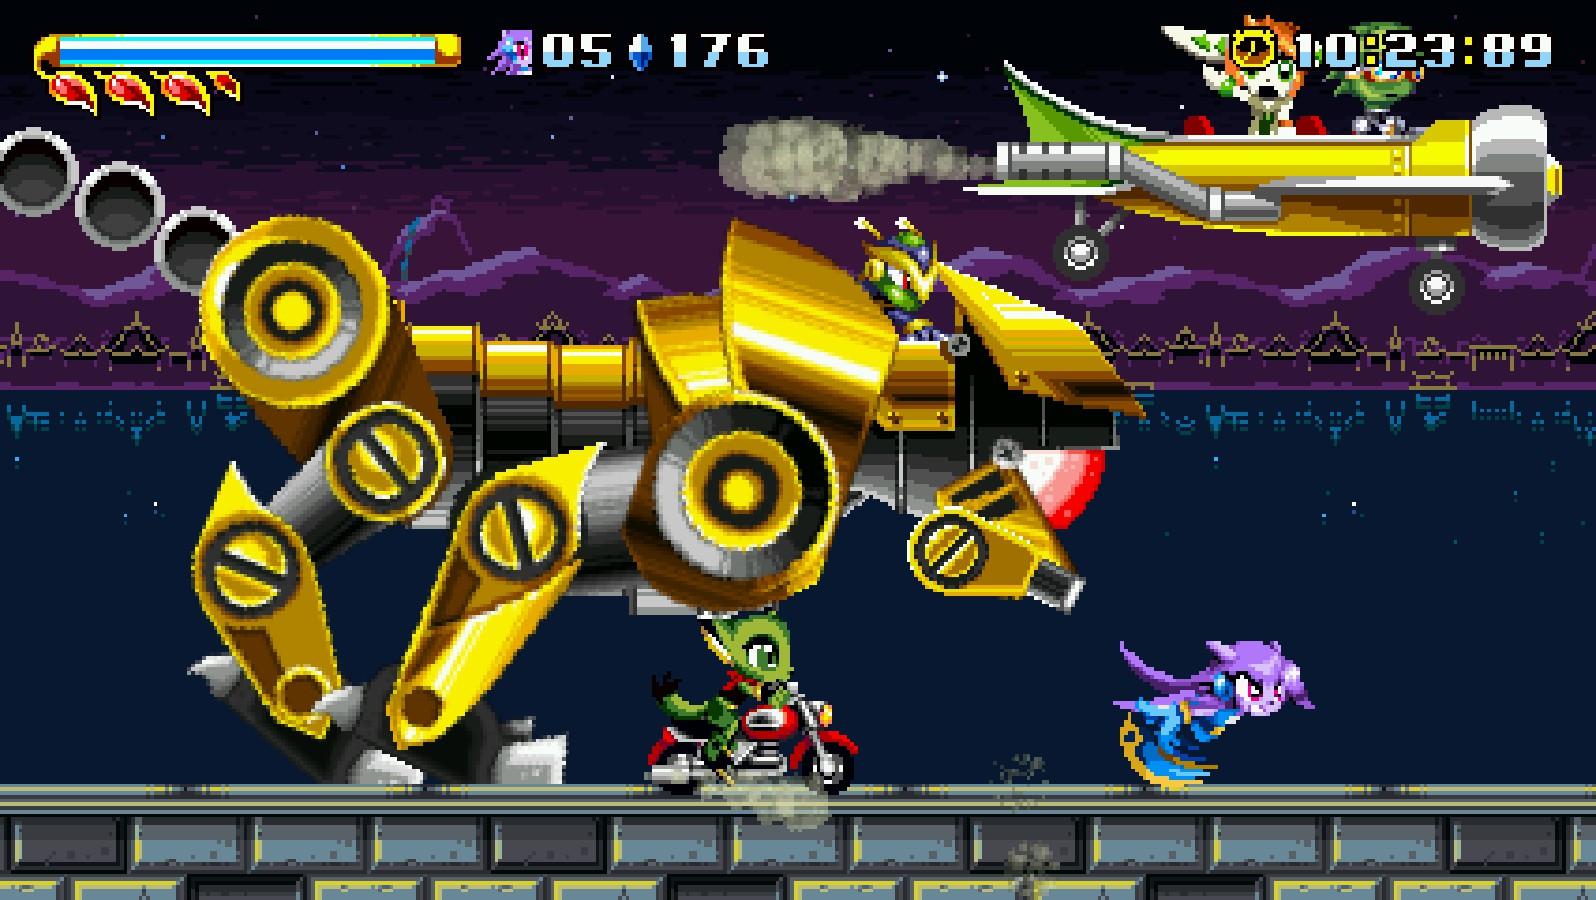 """Inspirado nos clássicos jogos de Sonic, """"Freedom Planet"""" é anunciado para Switch"""